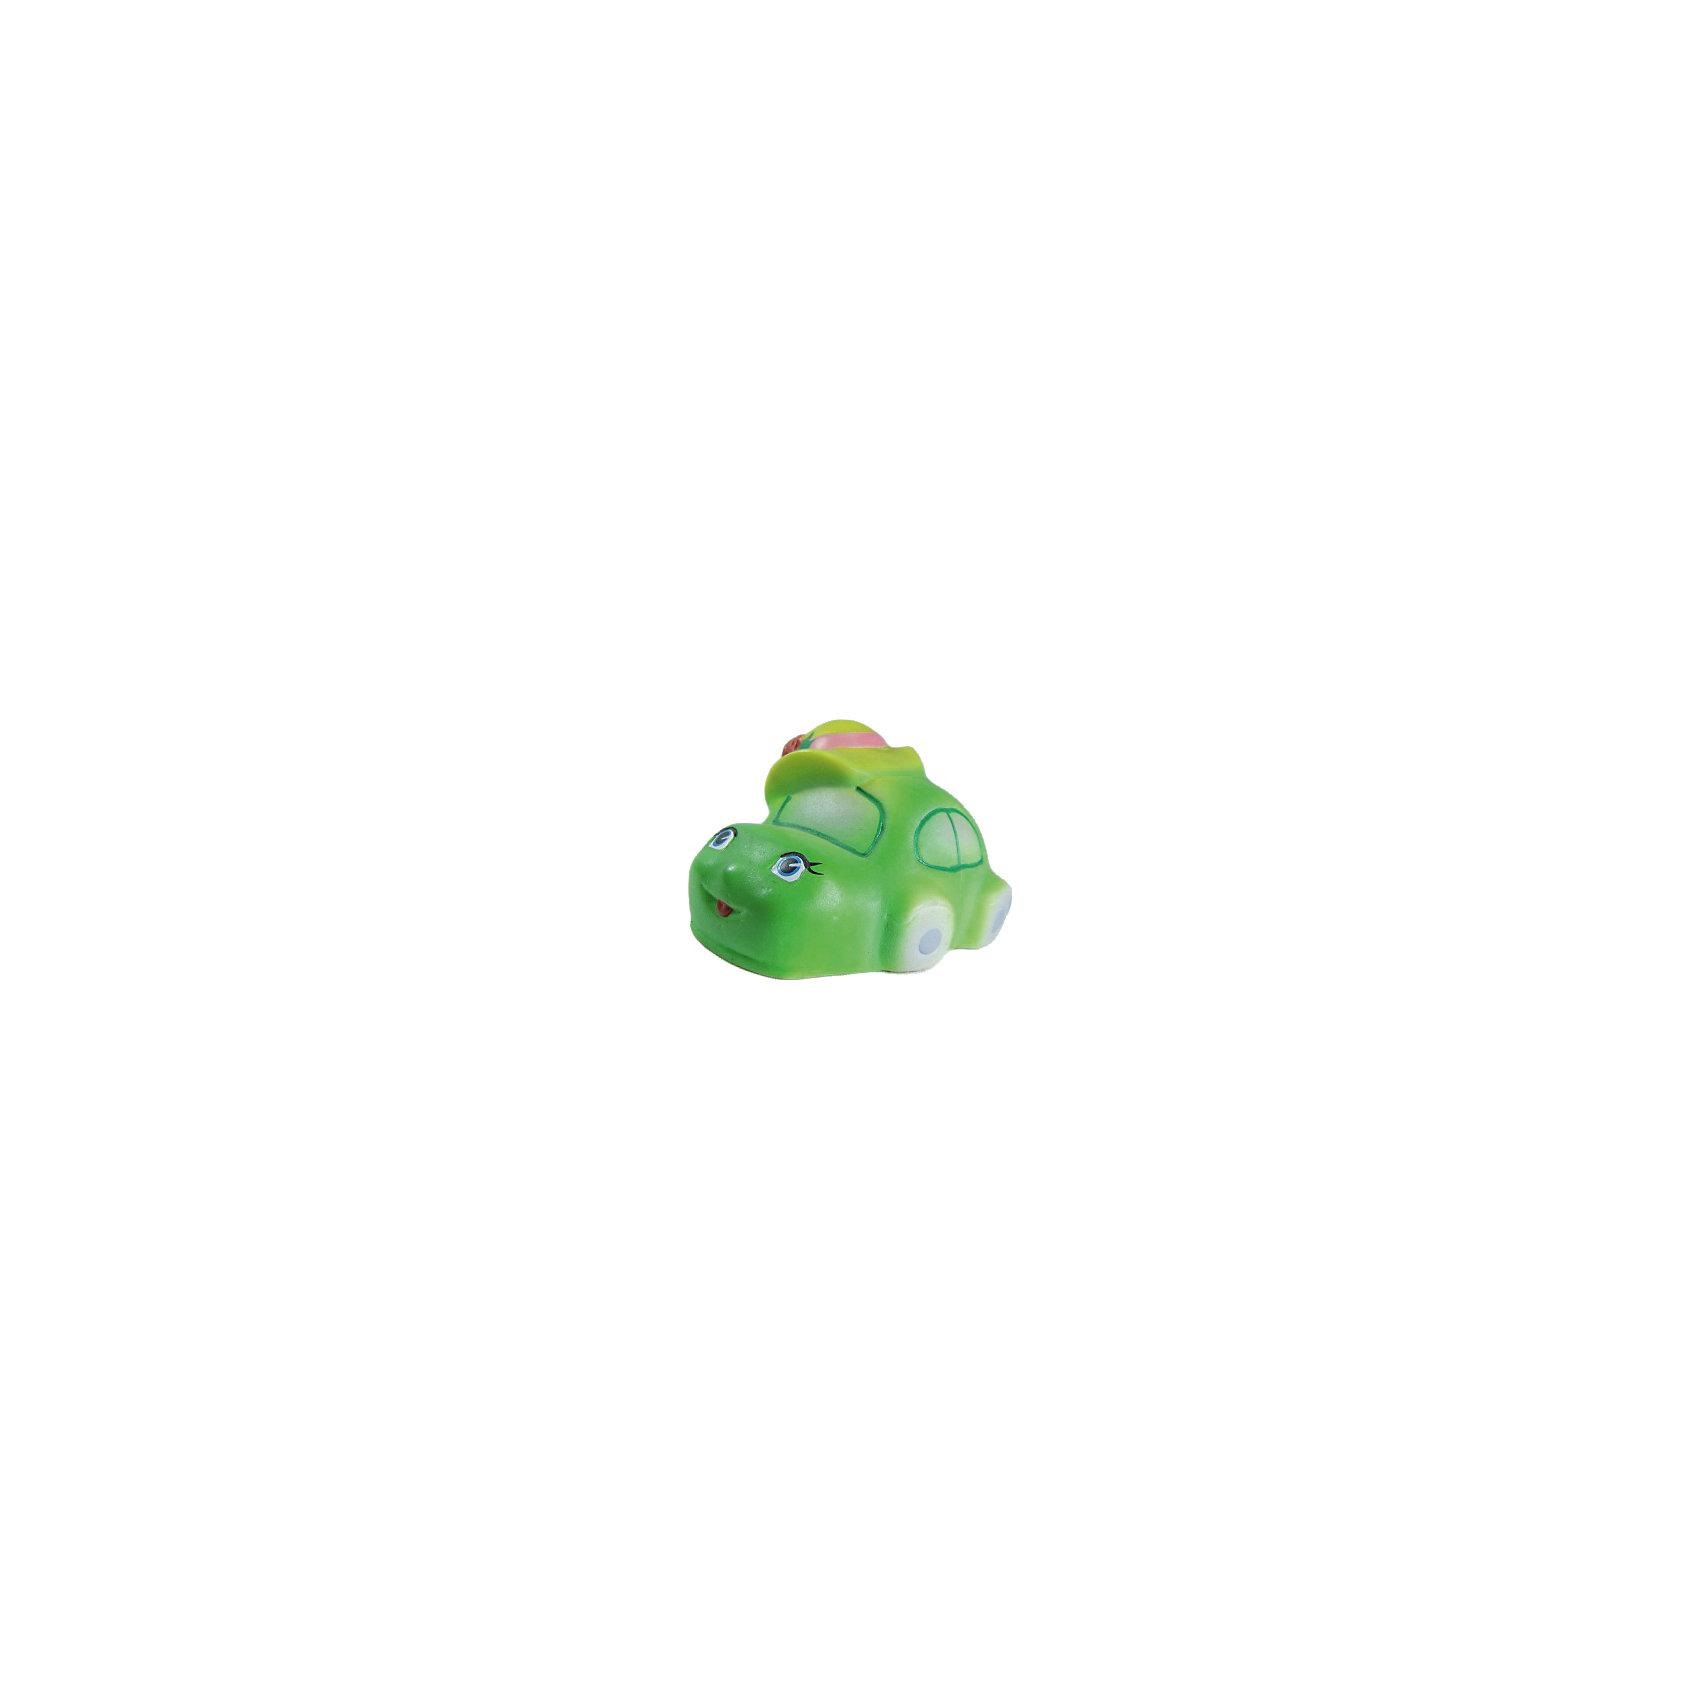 Машинка Шурочка, КудесникиМашинка Шурочка, Кудесники<br><br>Характеристики:<br><br>• Материал: ПВХ.<br>• Размер: 6,5 см.<br>• Вес: 80г.<br> <br>Отличная игрушка из мягкого ПВХ надолго займет внимания вашего малыша. Эта игрушка поможет малышу при прорезывании зубов, поможет развивать моторику рук, знакомить с формой, цветом, образами. Также с ней можно забавно поиграть в ванной. Яркий образ поможет ребенку придумывать различные сюжетно-ролевые игры.<br><br>Машинку Шурочка, Кудесники, можно купить в нашем интернет – магазине.<br><br>Ширина мм: 80<br>Глубина мм: 50<br>Высота мм: 65<br>Вес г: 80<br>Возраст от месяцев: 12<br>Возраст до месяцев: 36<br>Пол: Мужской<br>Возраст: Детский<br>SKU: 4896470